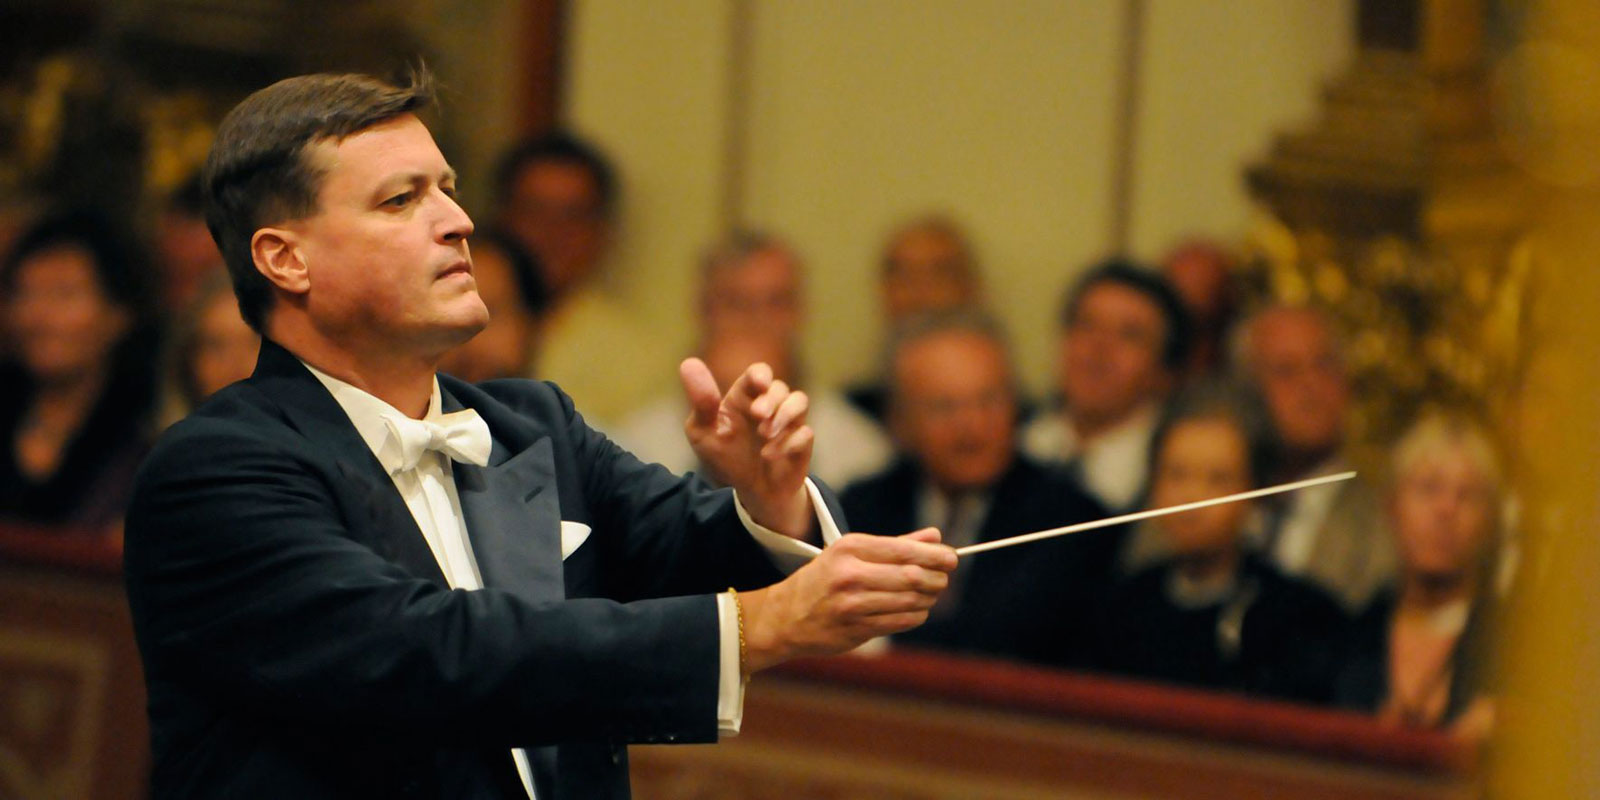 La Sinfónica de Galicia homenajea a su público